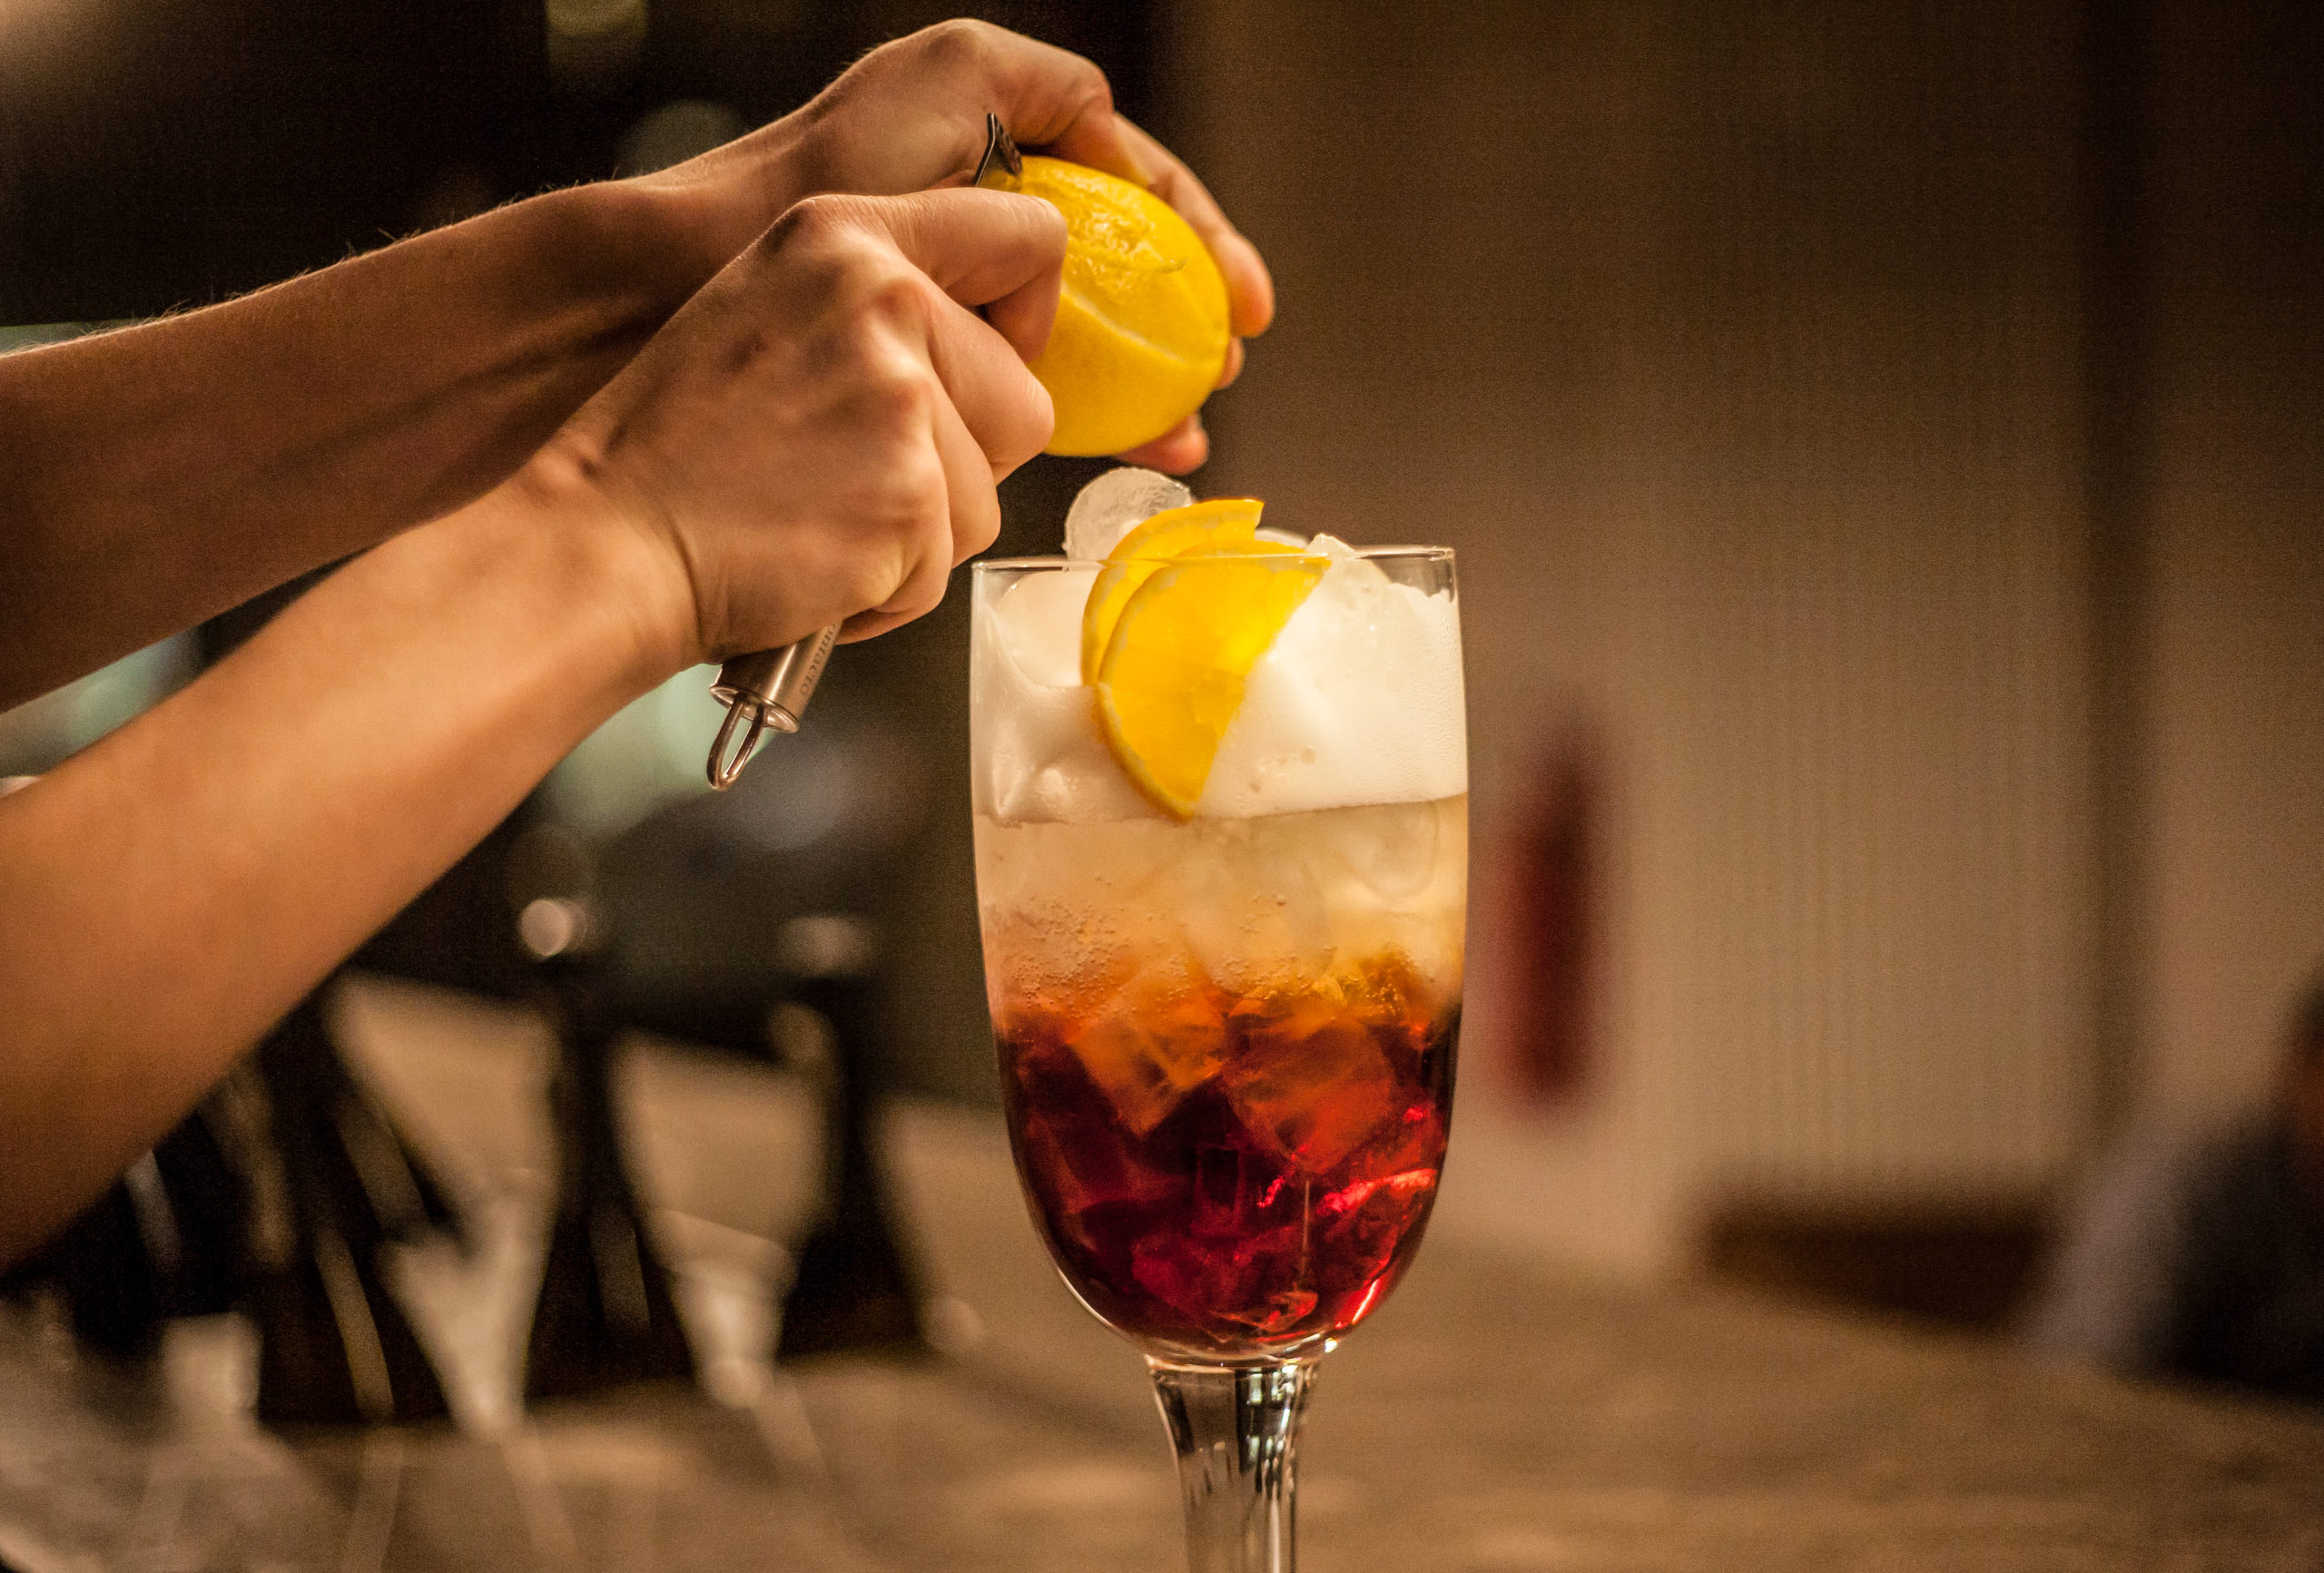 Apéro in Berlin Die Bar Milano versprüht Mailänder Flair. Neben spannenden Drinks gibt es typisch italienische Kleinigkeiten.